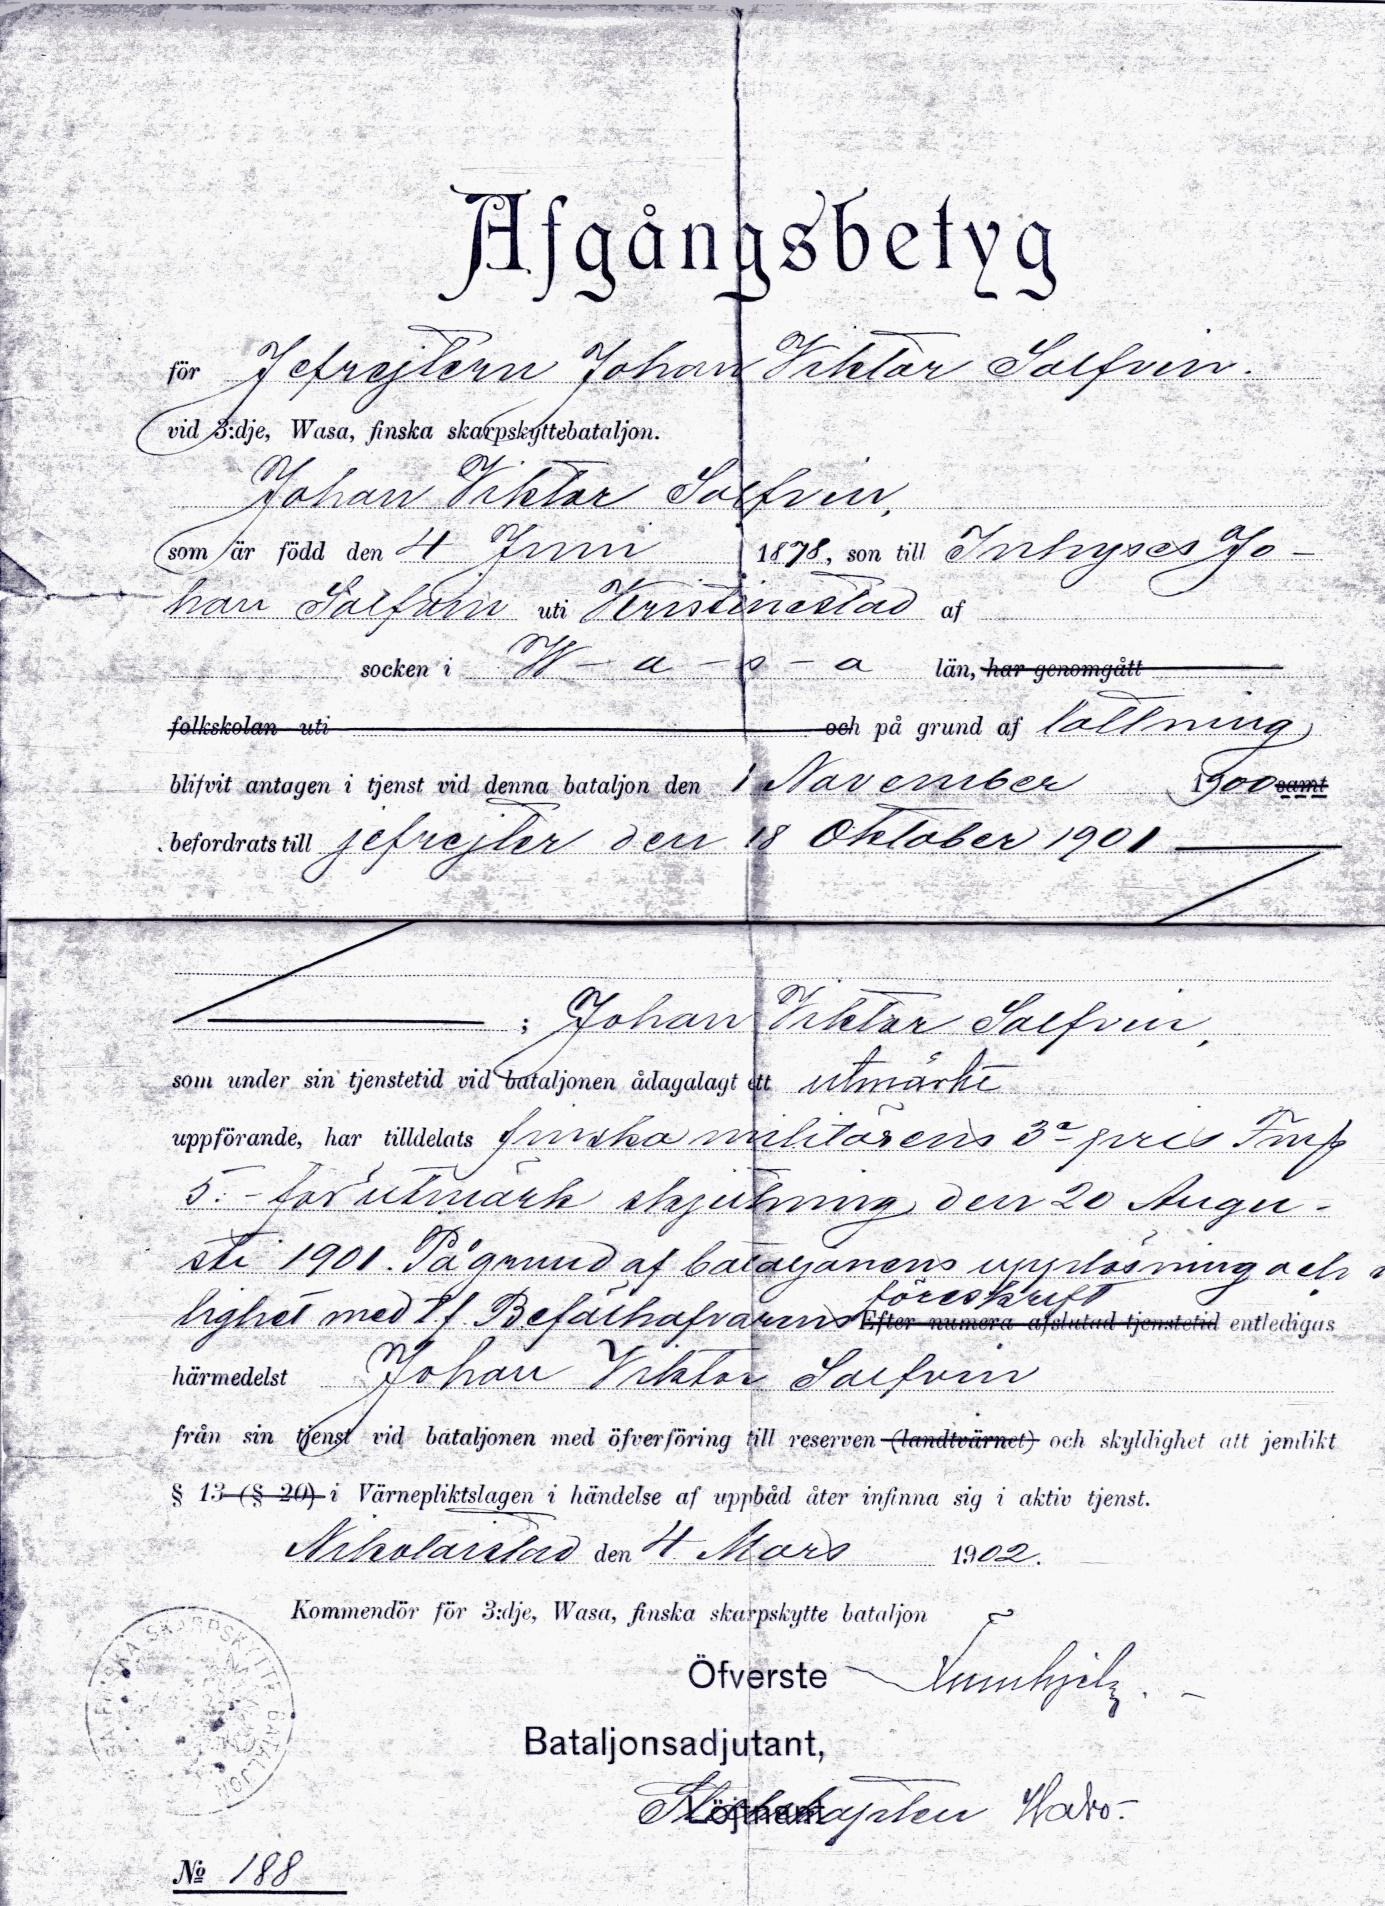 """På uppbådet som skedde på rådhuset i Kristinestad, så blev Viktor Solfvin inkallad till Vasa Skarpskyttebataljon, alltså i den finska militären. Uttagningen skedde genom lottdragning där ungefär var tionde man blev inkallad och tjänstgöringstiden var 3 år. Enligt avgångsbetyget inträdde Viktor i tjänst 1 november 1900 och i oktober 1901 blev han befordrad till """"jefreiter"""", något som i dag motsvarar korpral. Under tiden Viktor Solfvin tjänstgjorde i Vasa, så bestämde den ryska tsaren Nikolaj att värnplikten skulle ändras så, att de finländska männen hädanefter skulle tjänstgöra i den ryska armén. På samma gång upplöste Nikolaj hela finska militären och på grund av detta så blev Viktor hemförlovad redan 4 mars 1902, efter att ha tjänstgjort i endast 1 år 5 månader."""